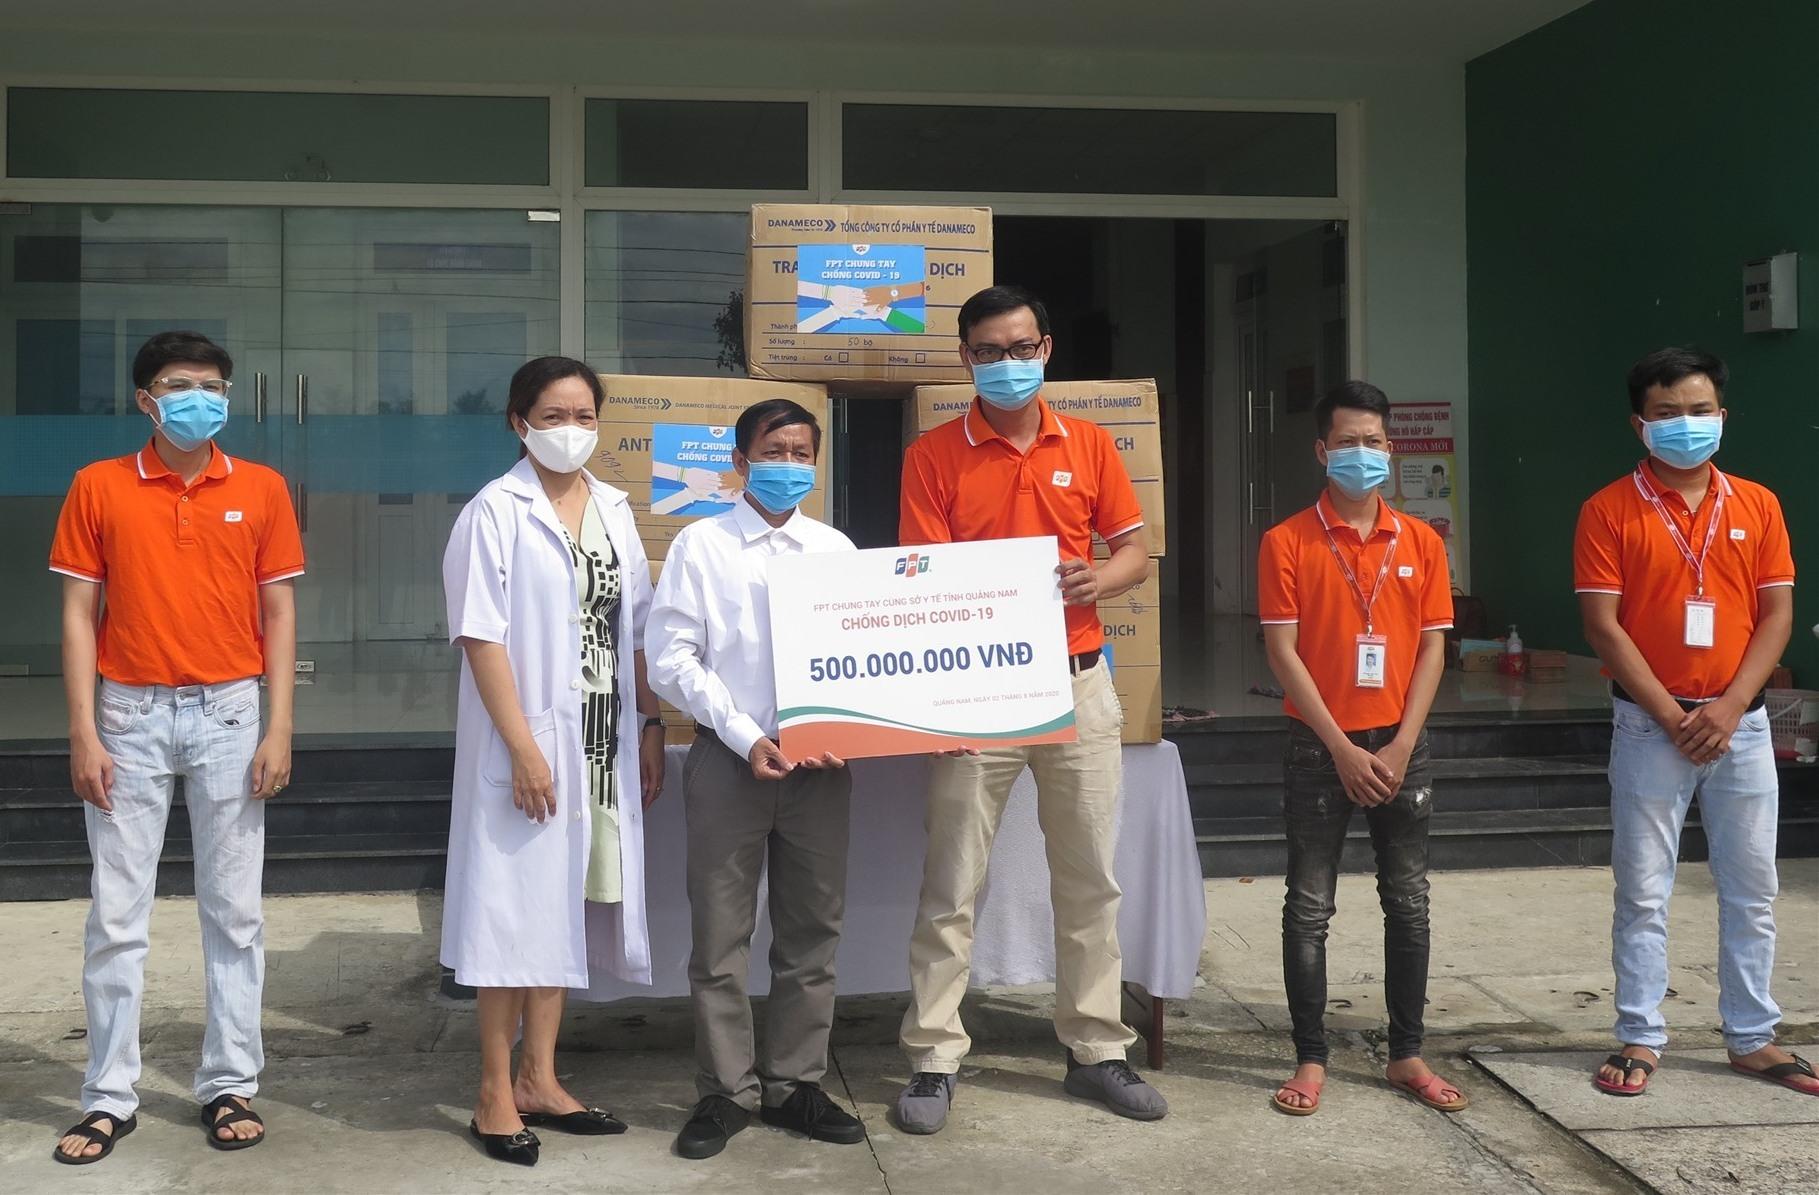 Đại diện FPT trao tặng dụng cụ bảo hộ đến đội ngũ nhân viên y tế Quảng Nam. Ảnh: X.H